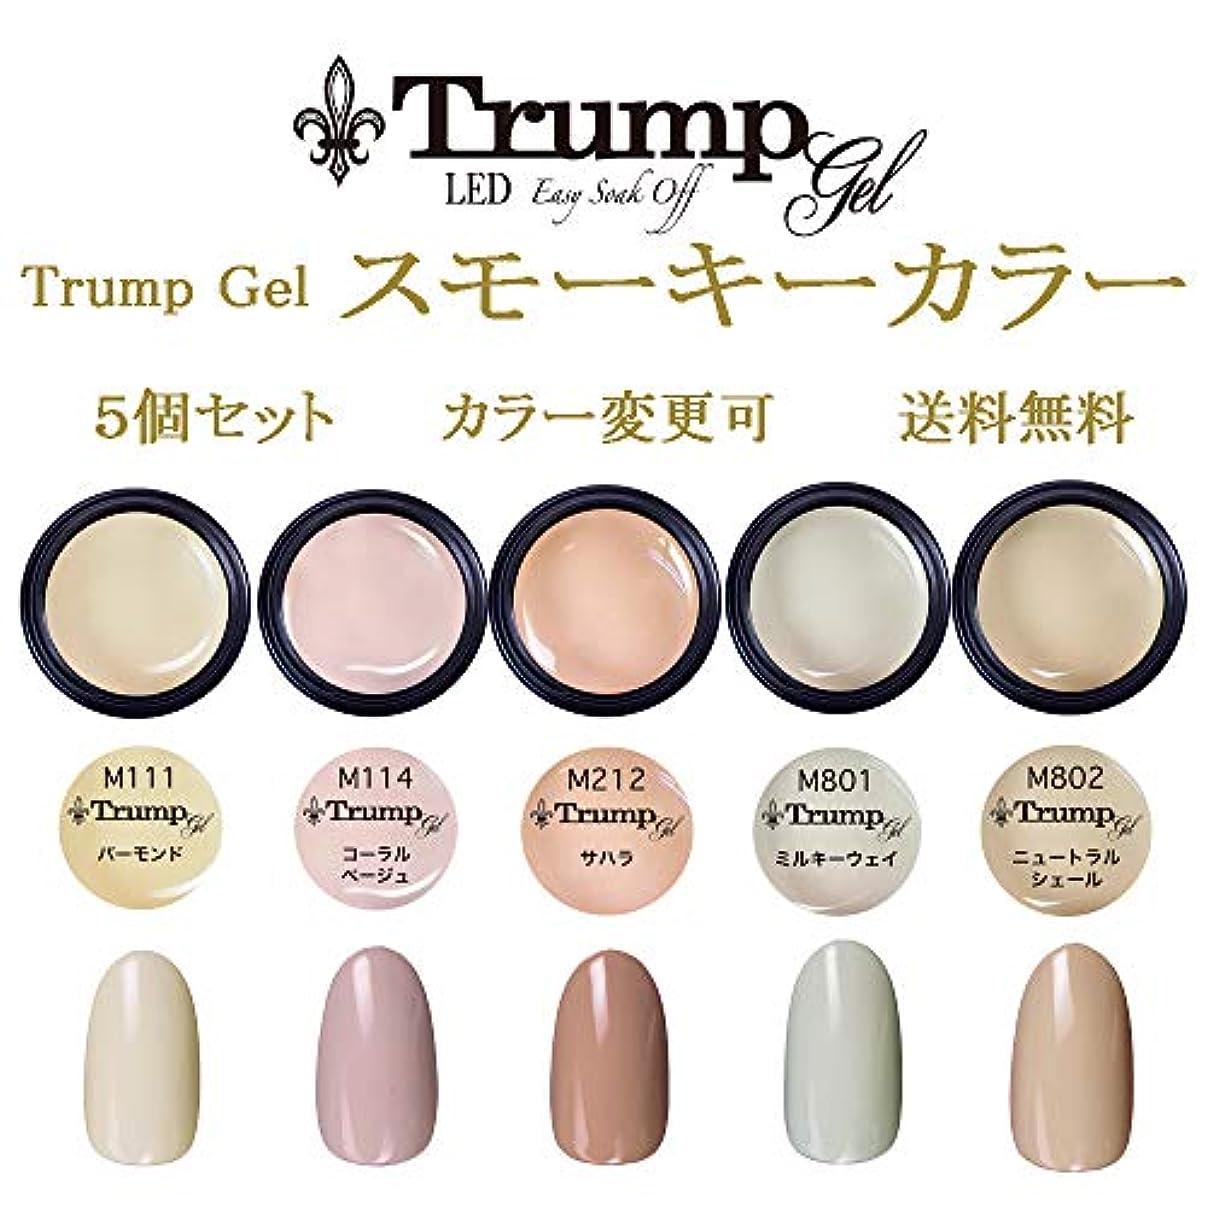 まさに空の大胆不敵日本製 Trump gel トランプジェル スモーキーカラー 選べる カラージェル 5個セット スモーク ベージュ グレー ブラウン ピンク